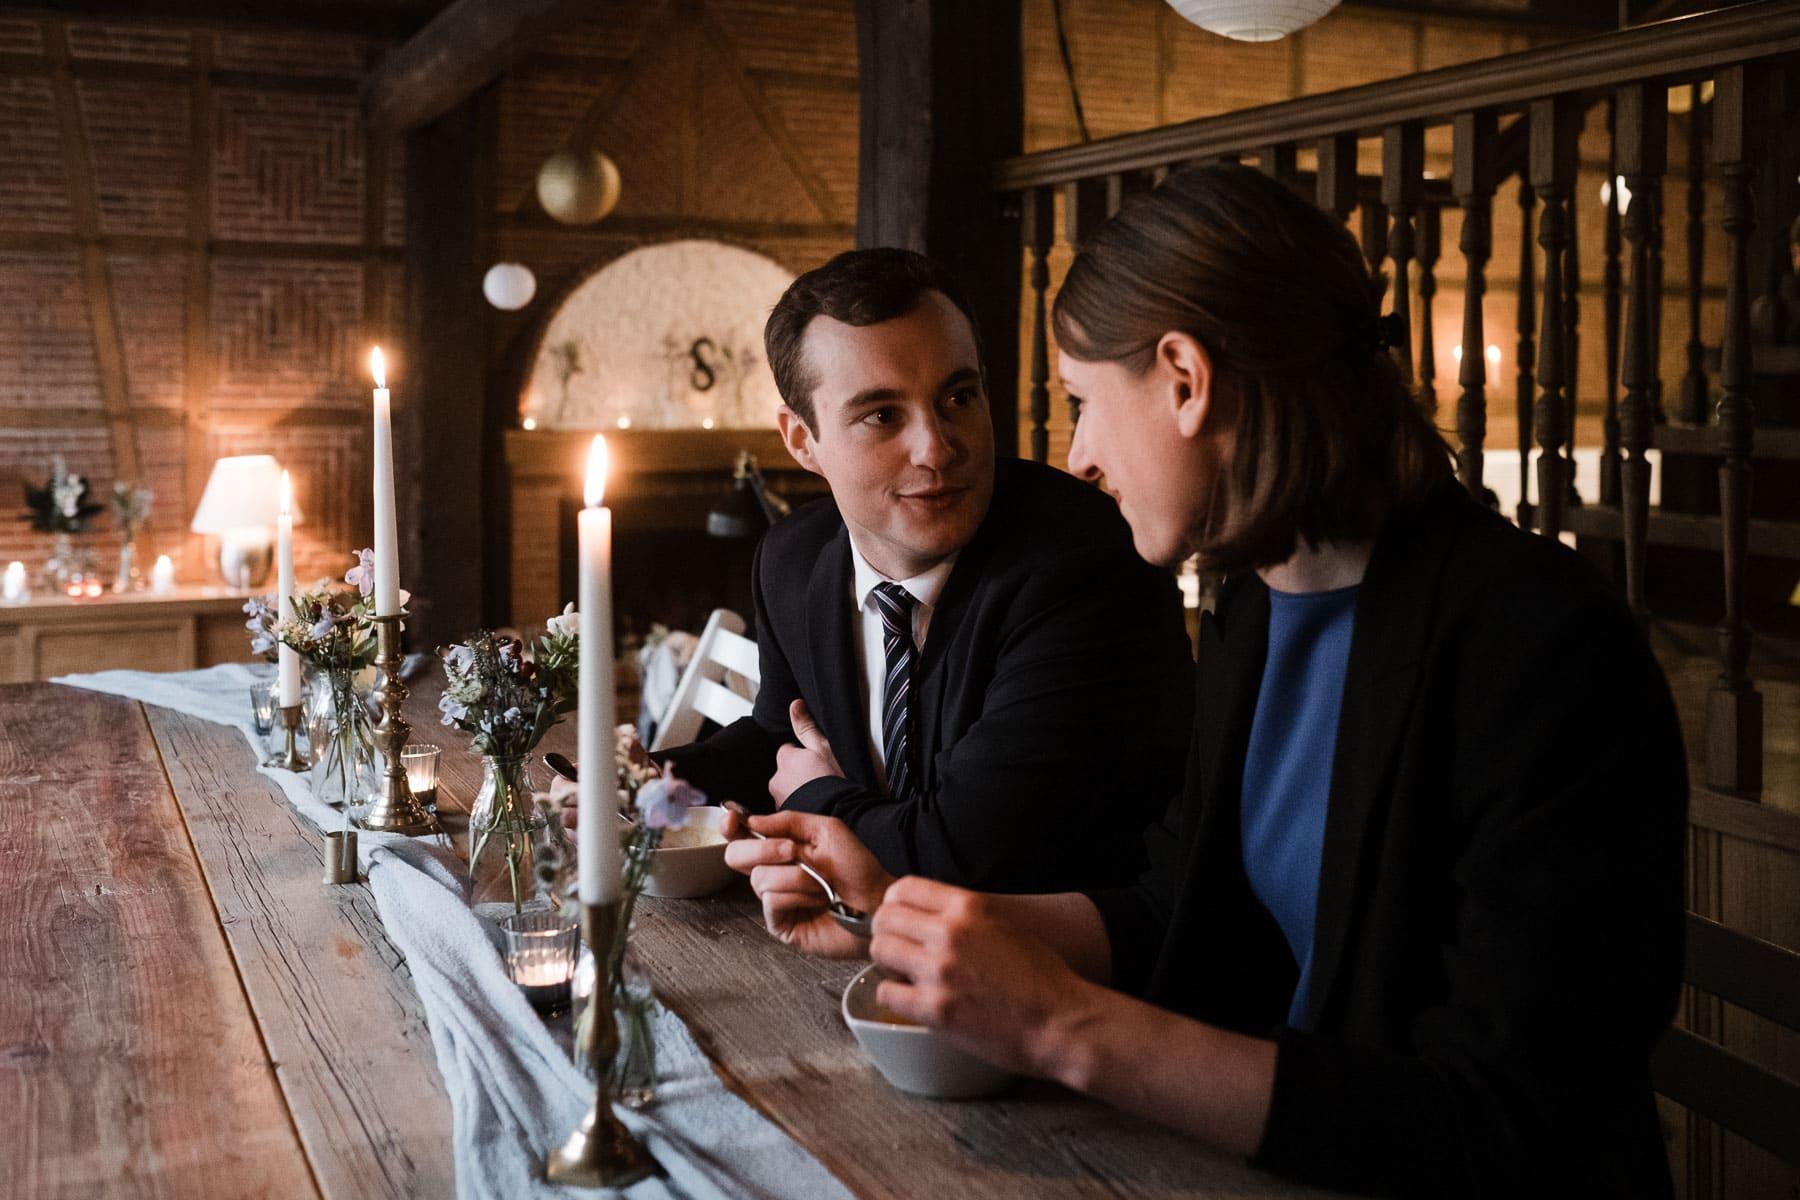 an einem langen Holztisch in einem Landhaus sitzen ein Mann und eine Frau, in der Mitte des Tisches stehen Blumenvasen und Kerzenständer, beide löffeln Kürbissuppe aus einer Schale, sie unterhalten sich dabei